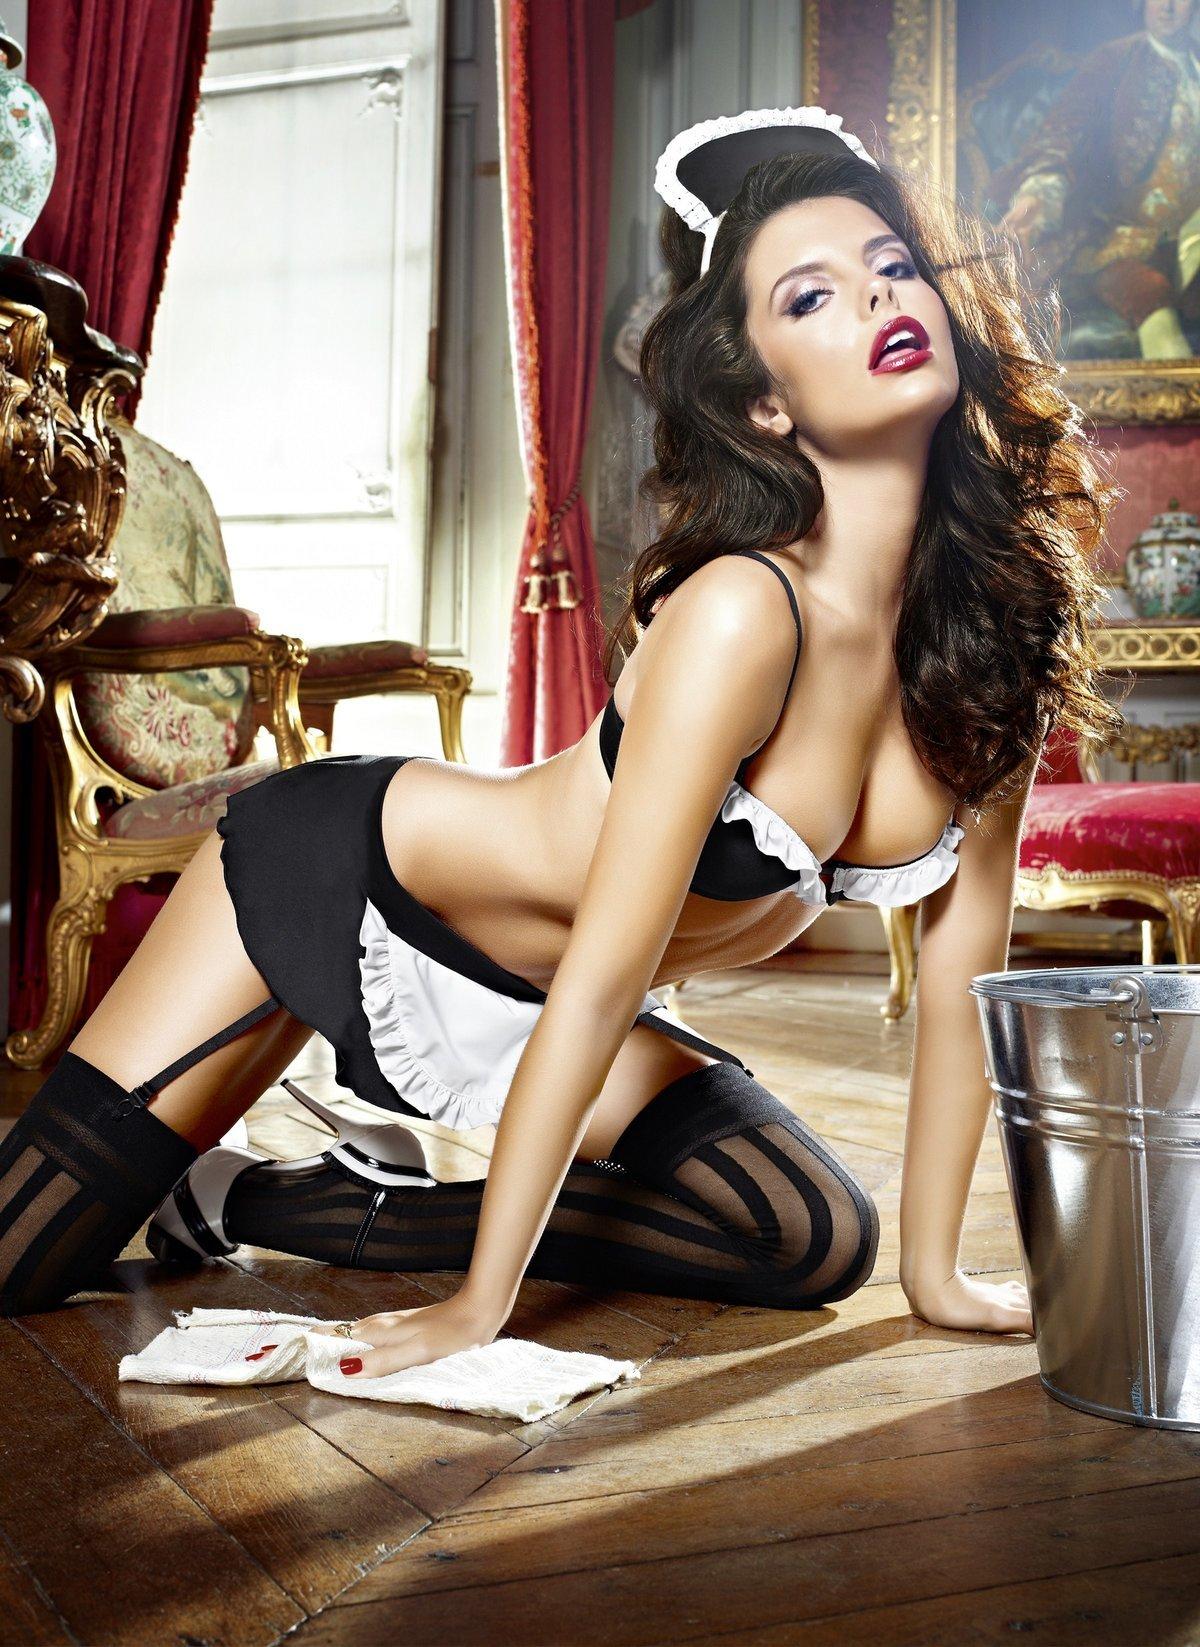 Сексуальные горничные: как вам такие домработницы? 9